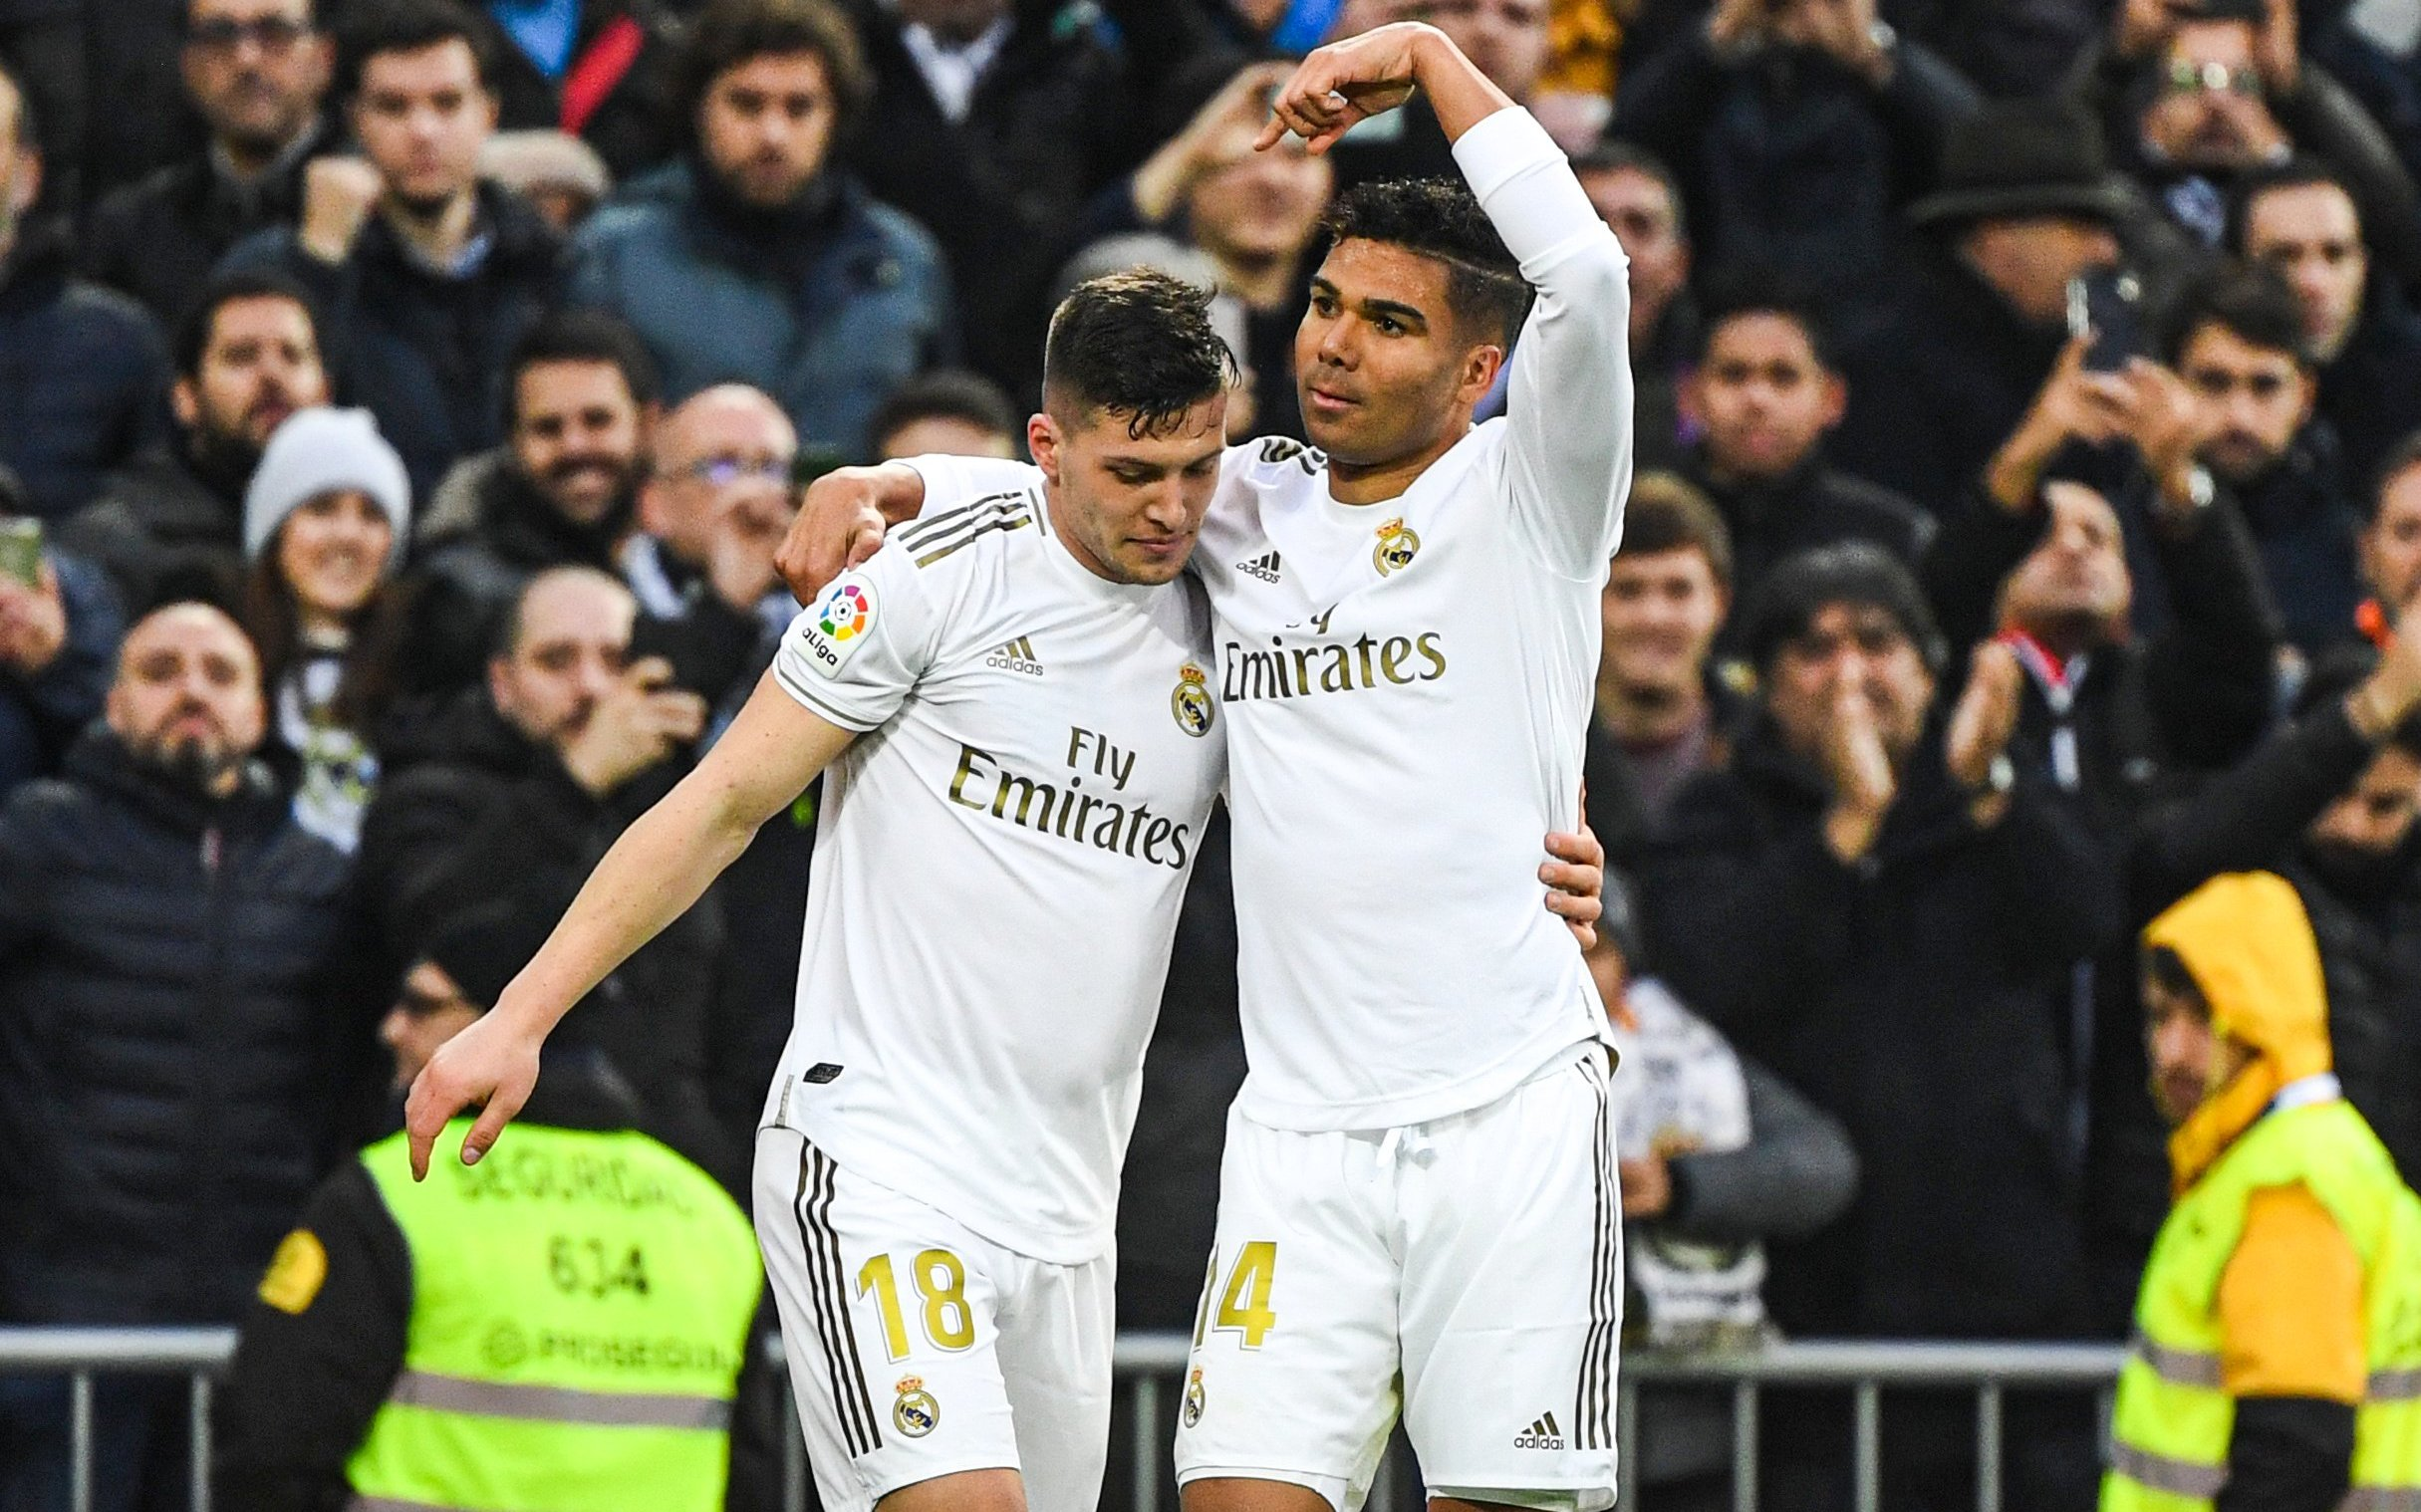 ثنائية كاسيميرو تقود ريال مدريد لفوز صعب على إشبيلية والحفاظ على صدارة الليغا